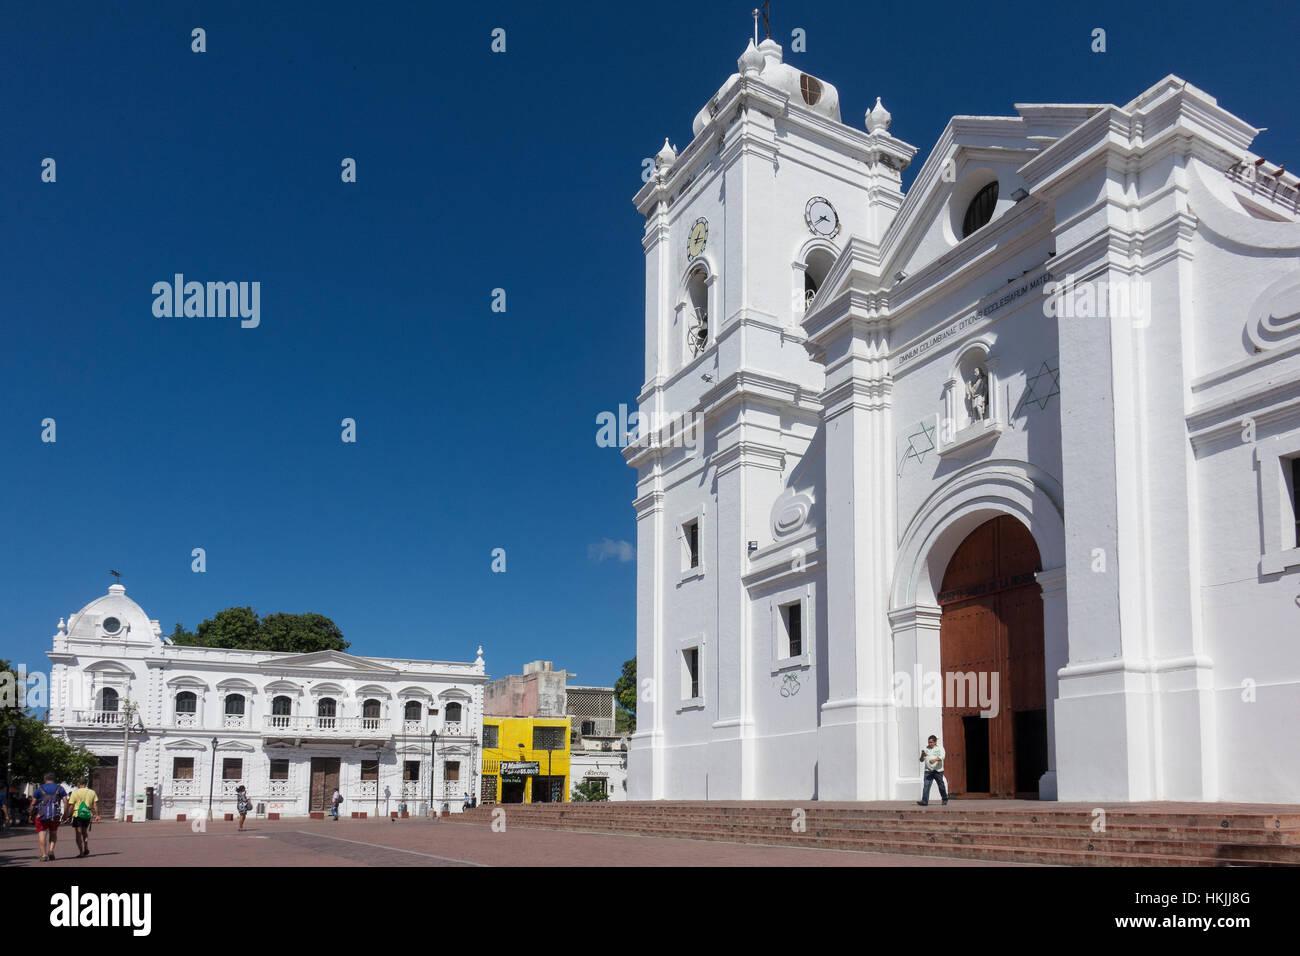 La Colombie, Magdalena, Santa Marta, la place de la cathédrale Photo Stock